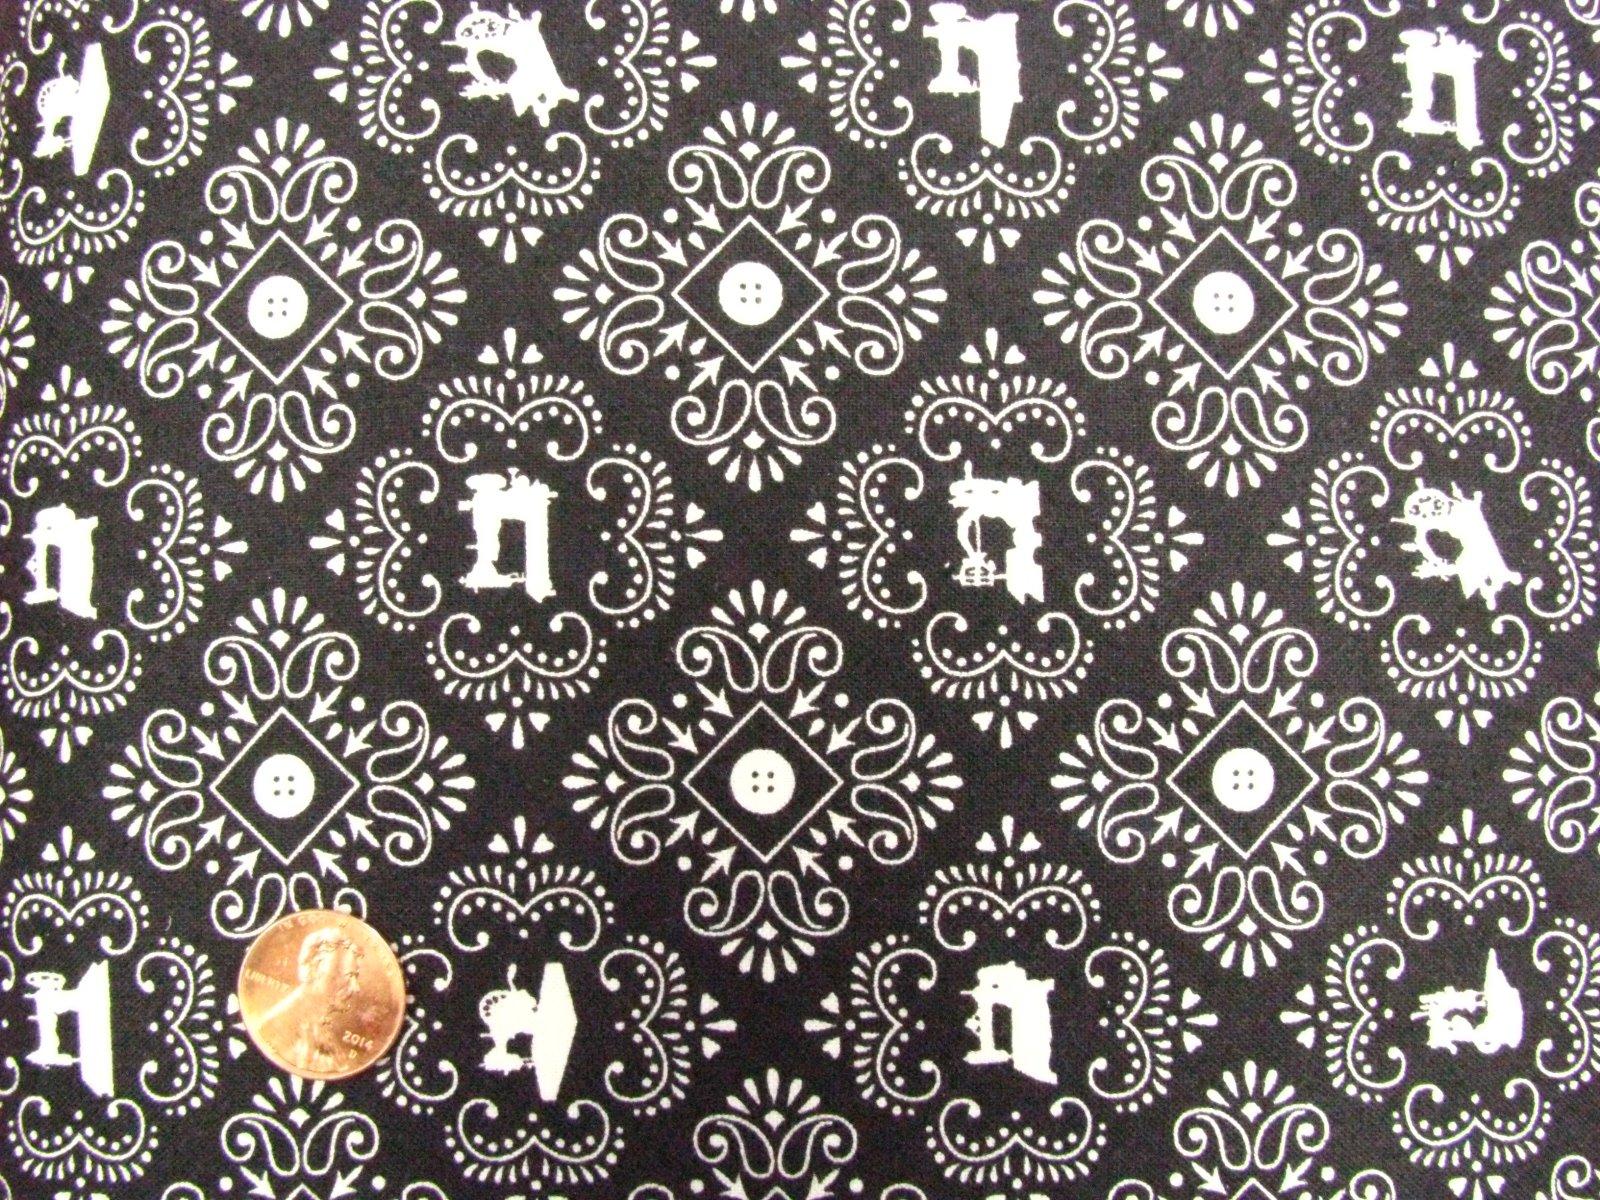 Quilting Treasures Black Cute As A Button 24830 J